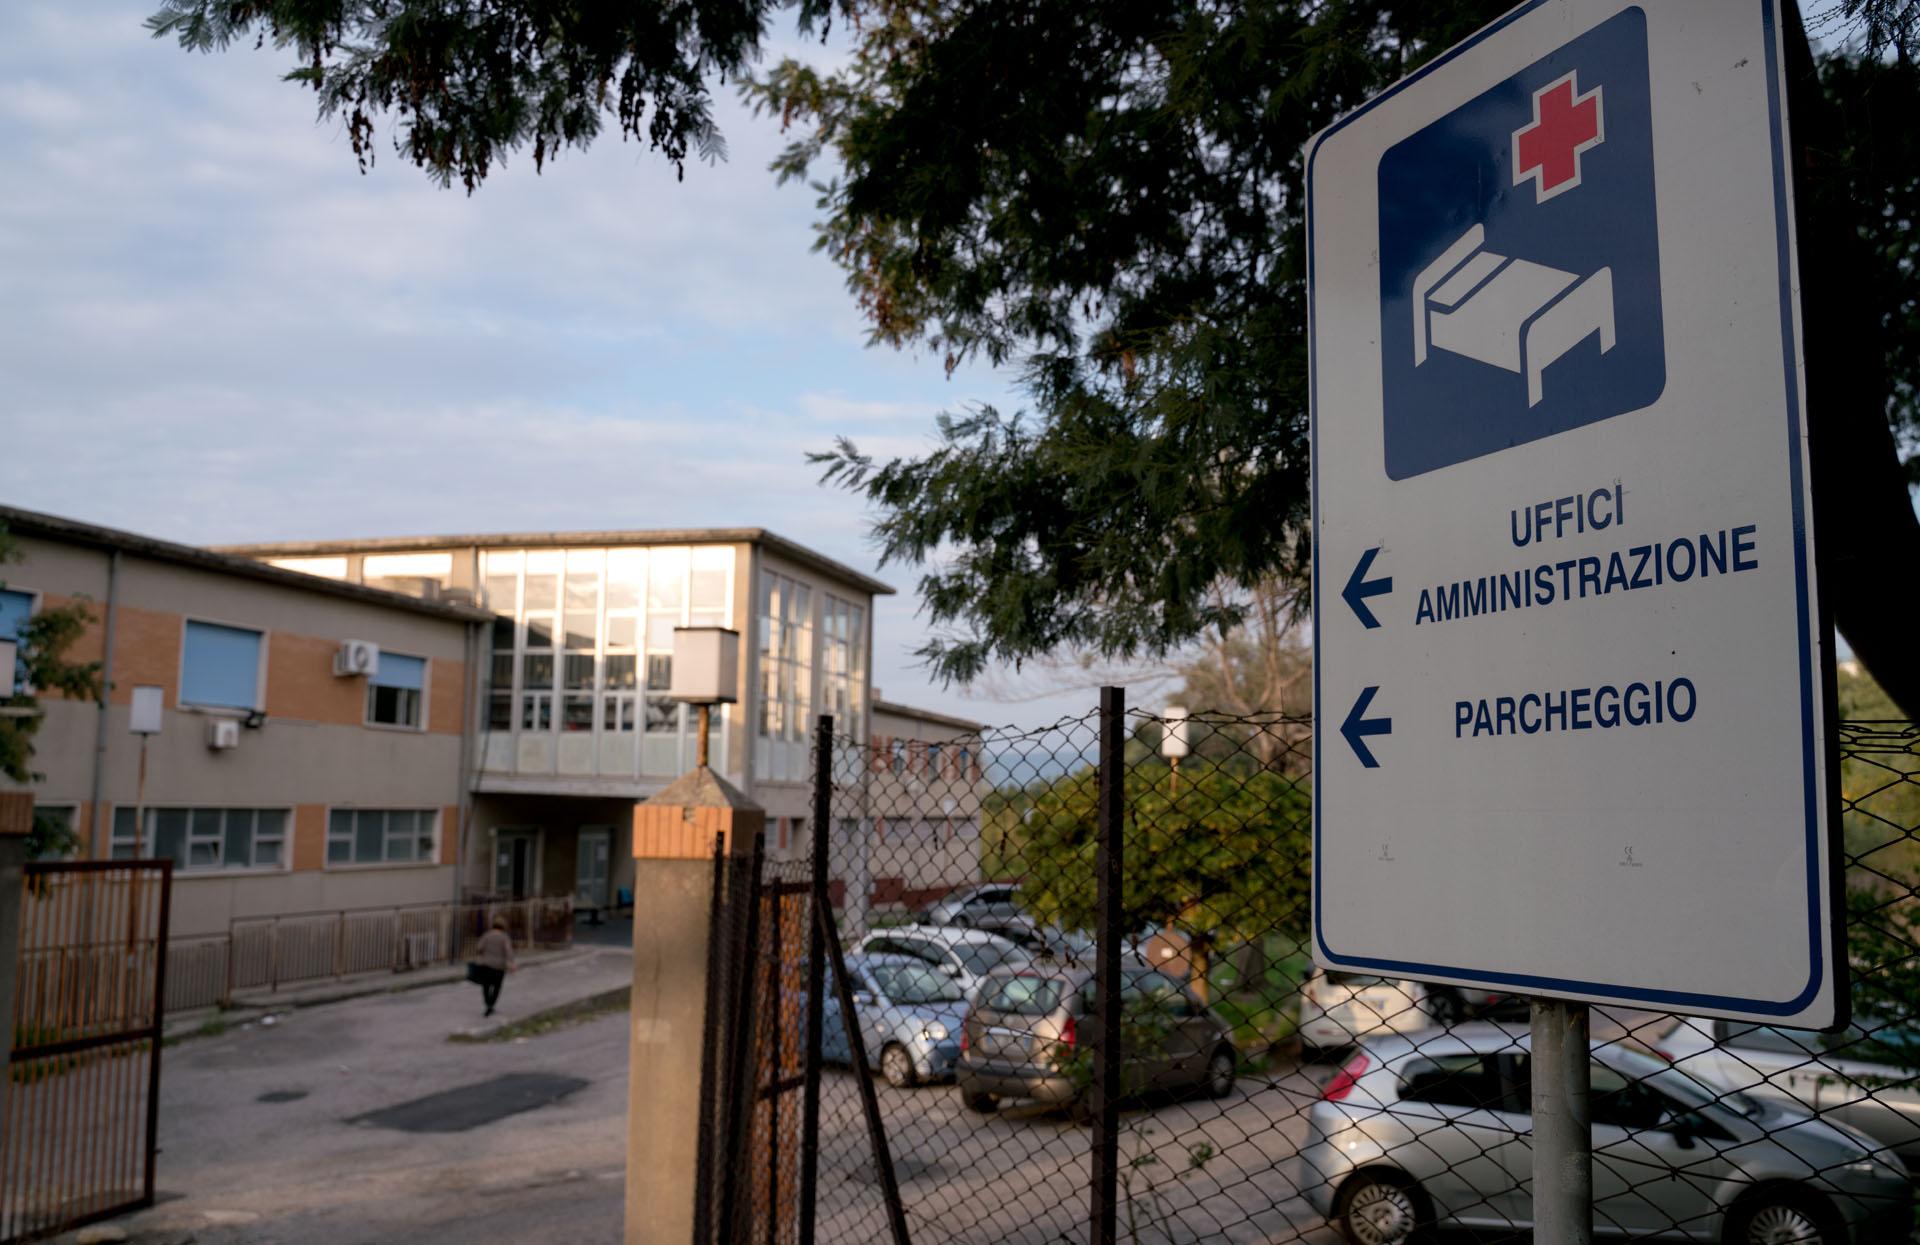 Ospedale di Polistena, venerdì mobilitazione e consiglio comunale